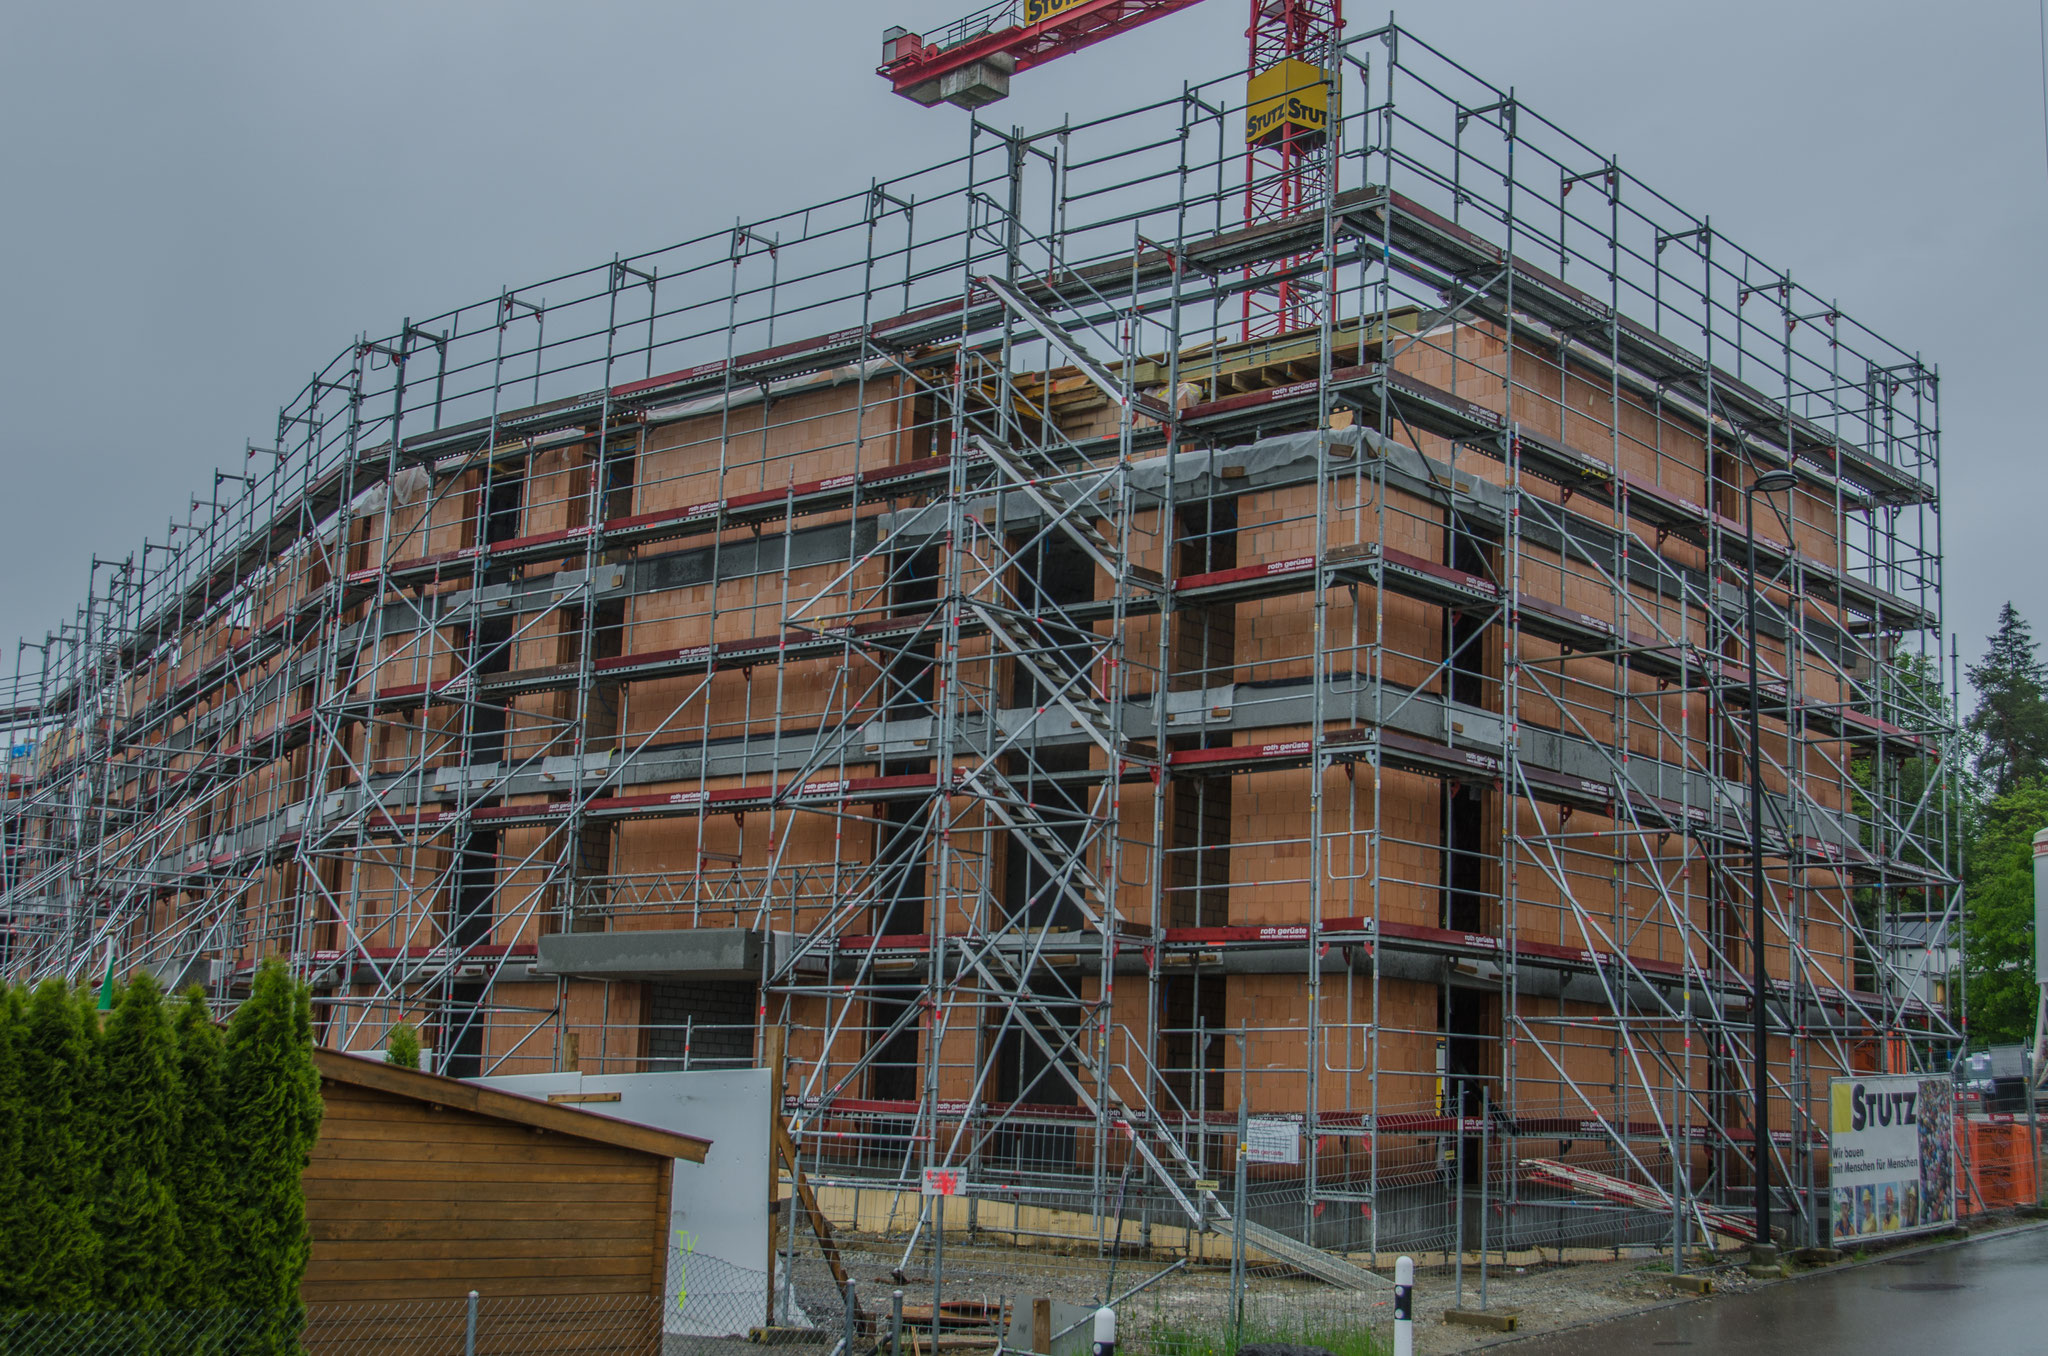 20. Mai 2019: Die Höhe des Gebäudes ist auf der Westseite erreicht, auf der Nordseite  ist ein Teil der Schalung für das Dach sichtbar.